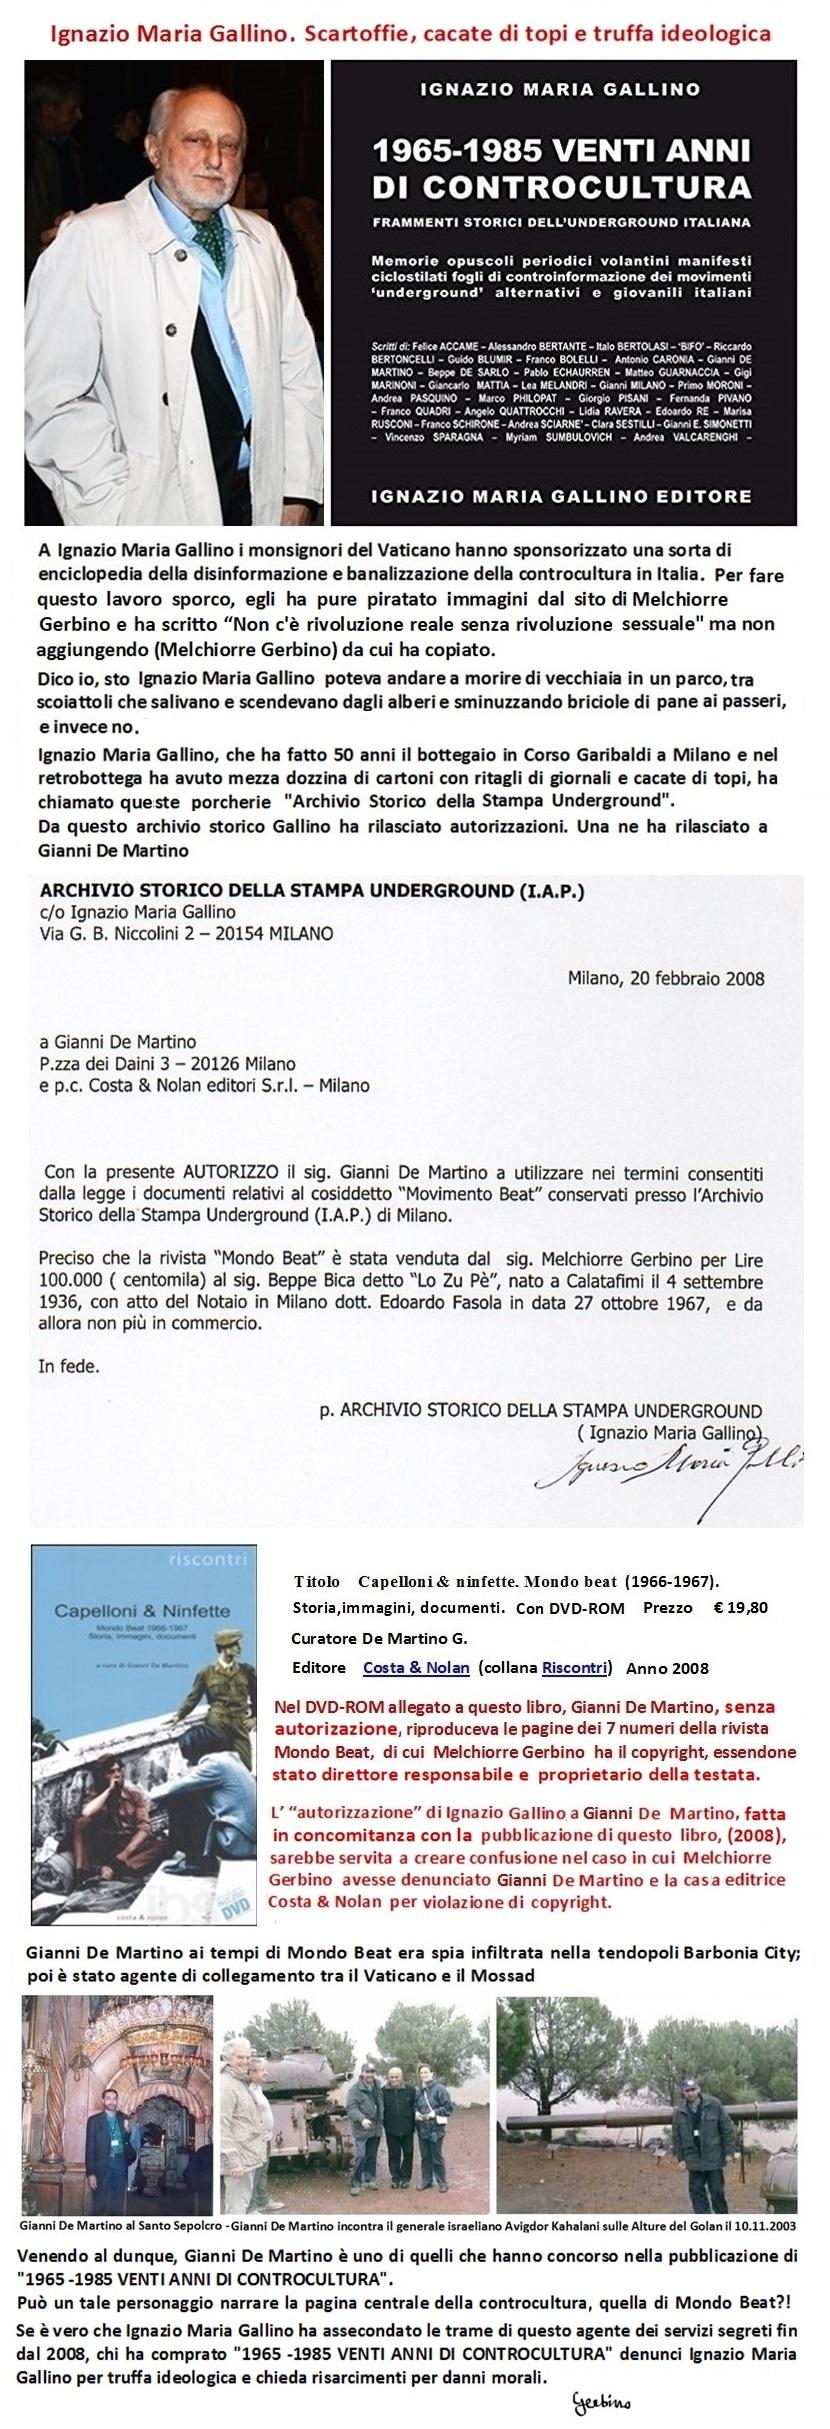 Ignazio Maria Gallino e Gianni De Martino perpetrando una frode ideologica